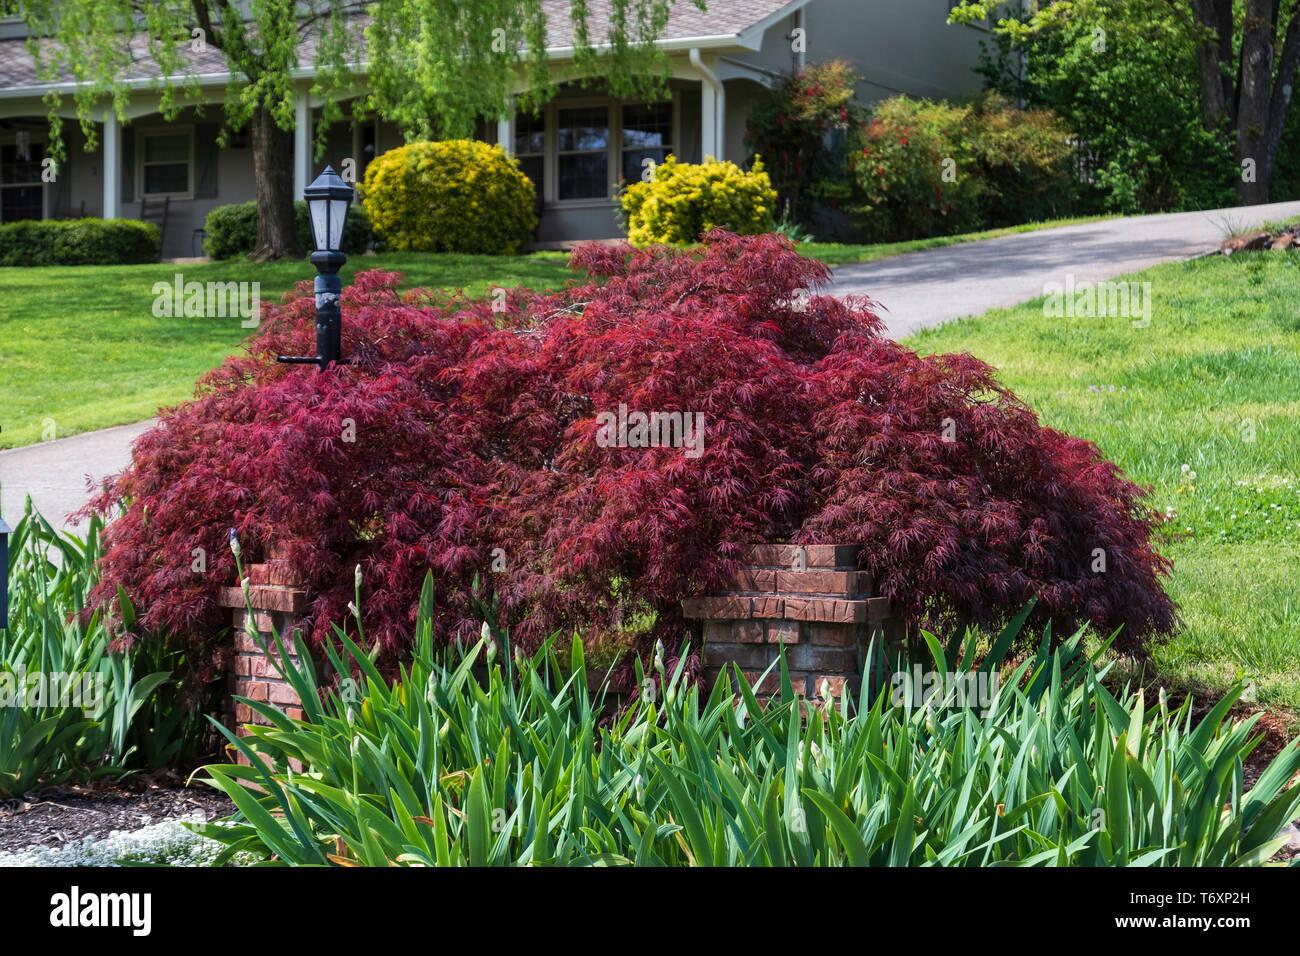 Japanese maple, Acer, un pamatum pleureur à feuilles caduques arbuste utilisé dans une banlieue un paramètre et paysage. Knoxville, Tennessee, USA. Photo Stock